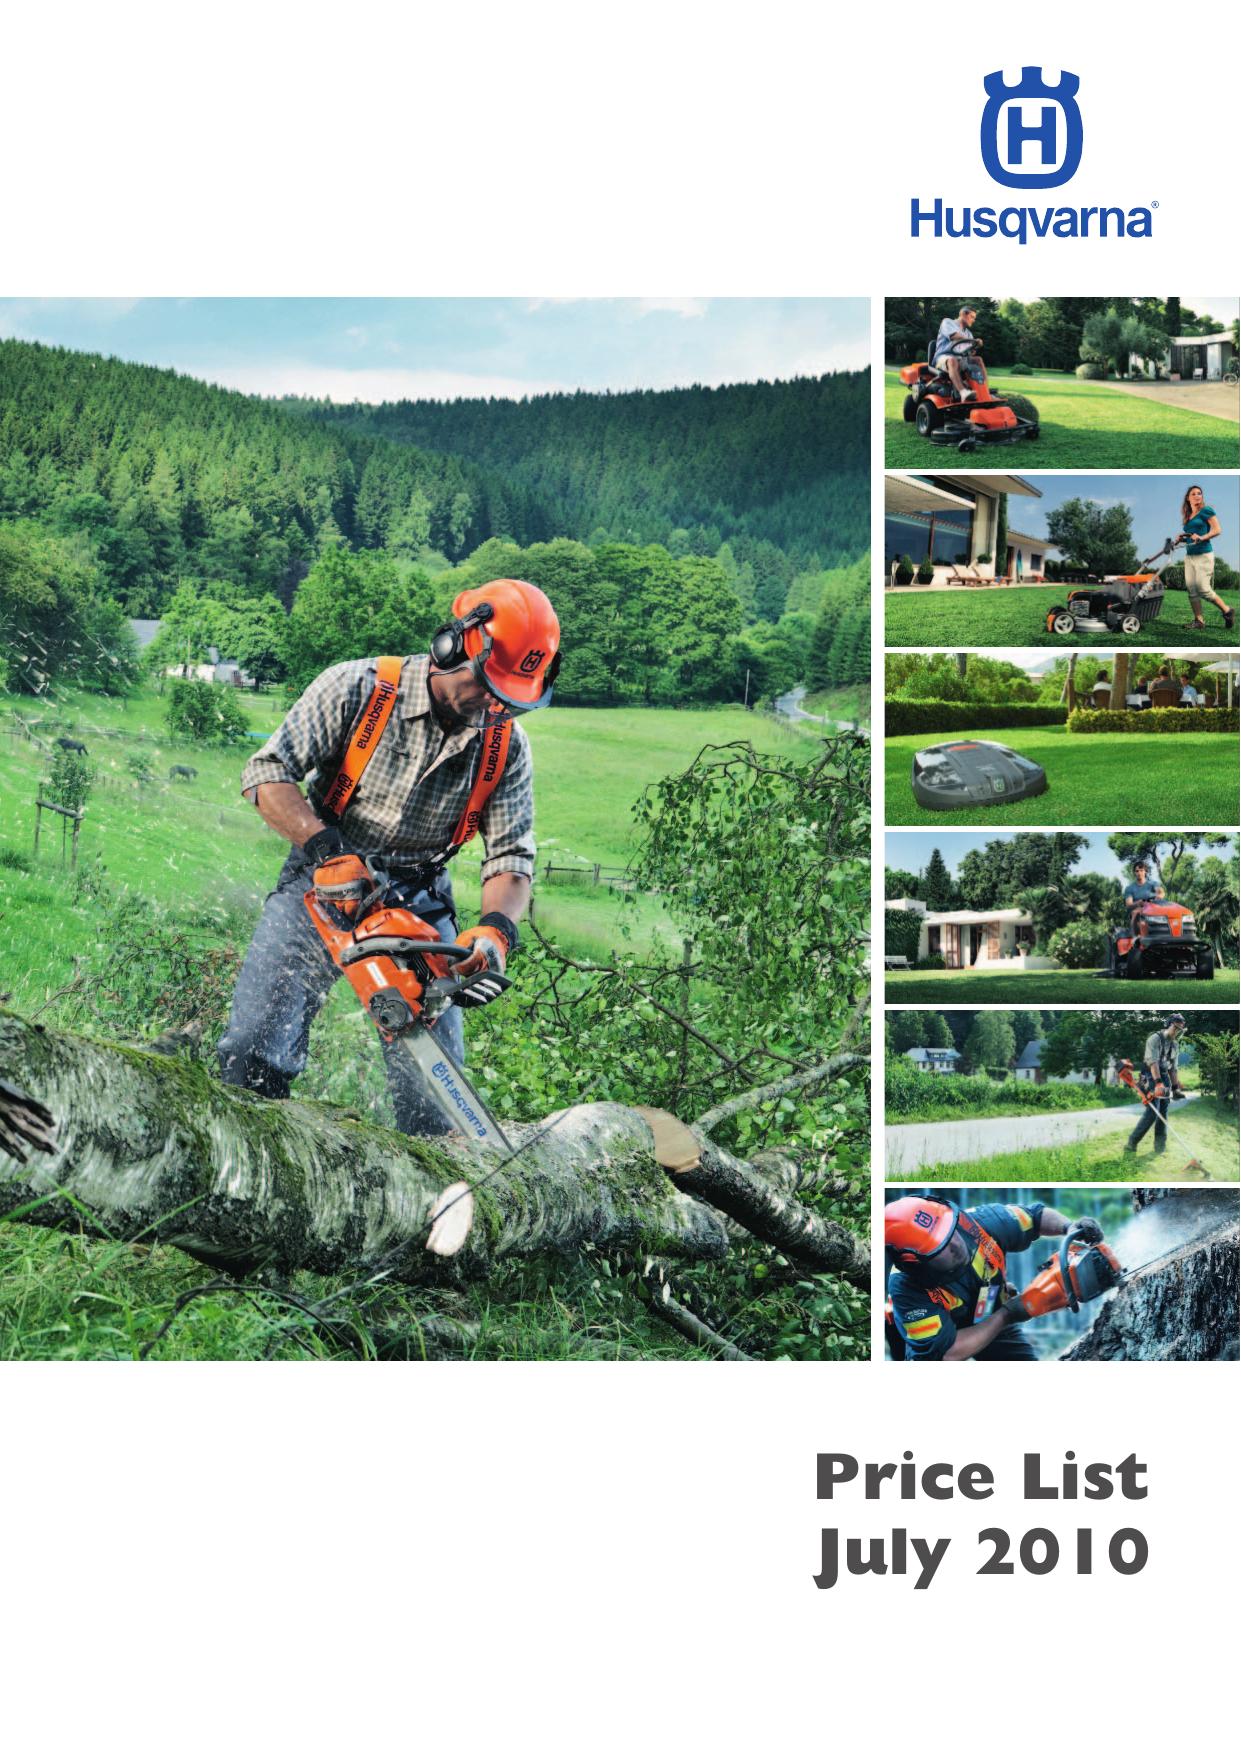 Husqvarna price list July 2010 | manualzz com